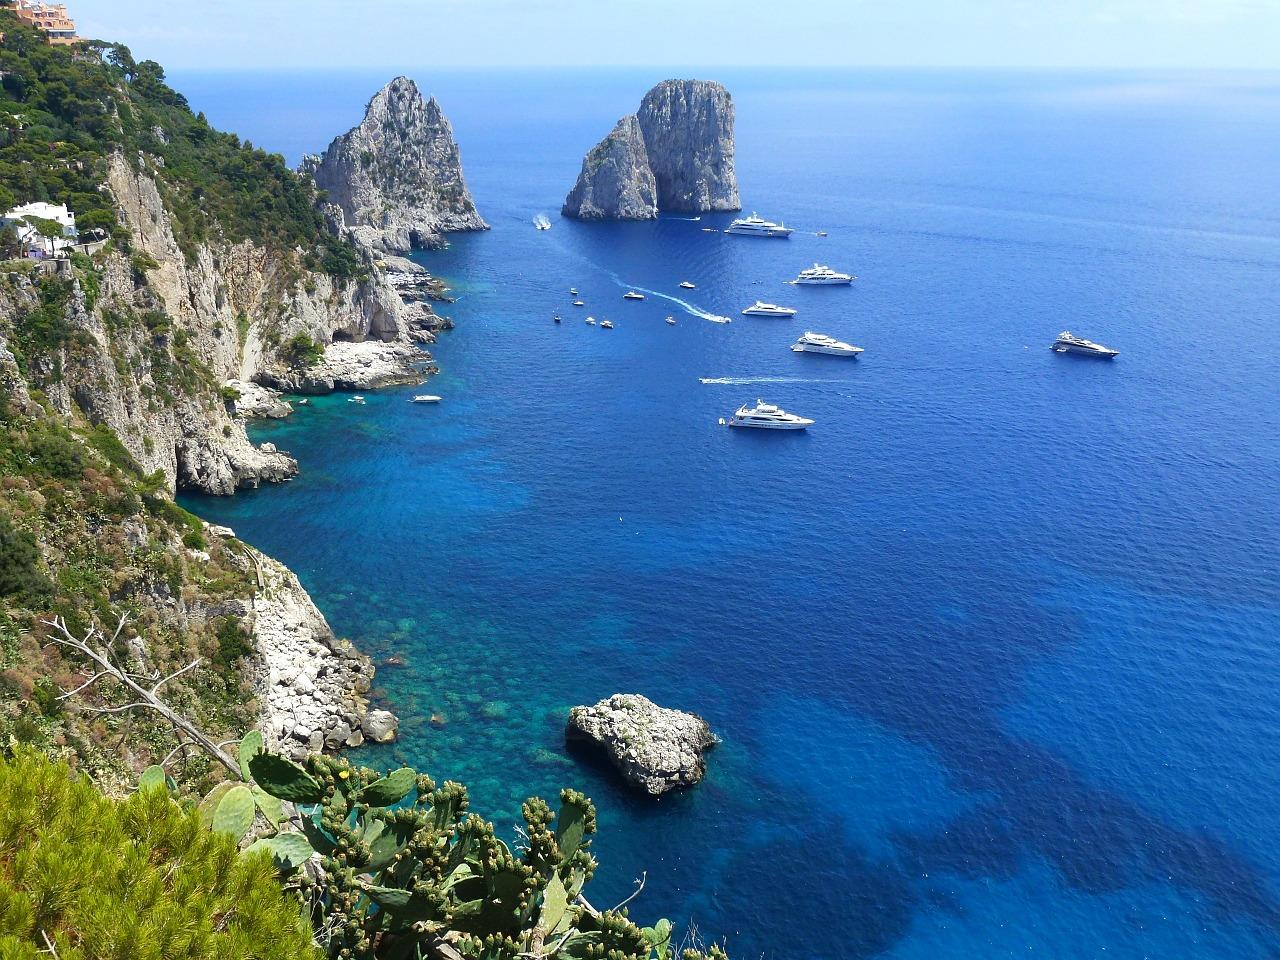 イタリア・カプリ島の人気観光スポットBEST5!ツアーでも大人気!